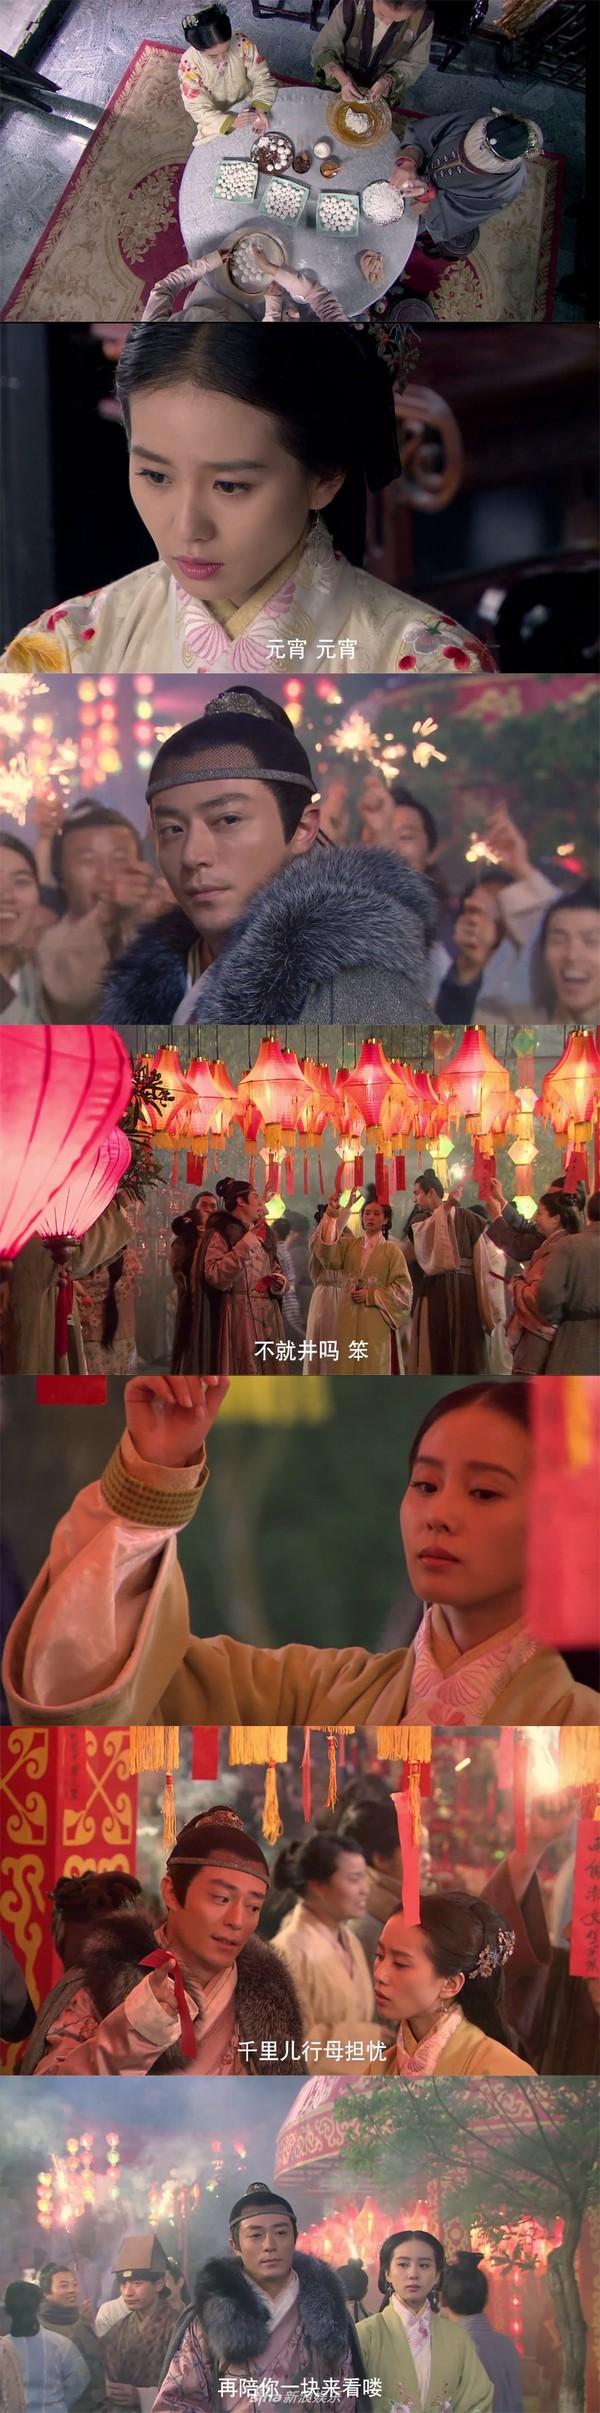 Trong Nữ Y Minh phi truyện, Đàm Duẫn Hiền (Lưu Thi Thi đóng) vốn chờ Châu Kỳ Hữu (Hoàng Hiên đóng), nhưng cuối cùng cùng Chu Kỳ Trấn (Hoắc Kiến Hoa) gặp nhau.